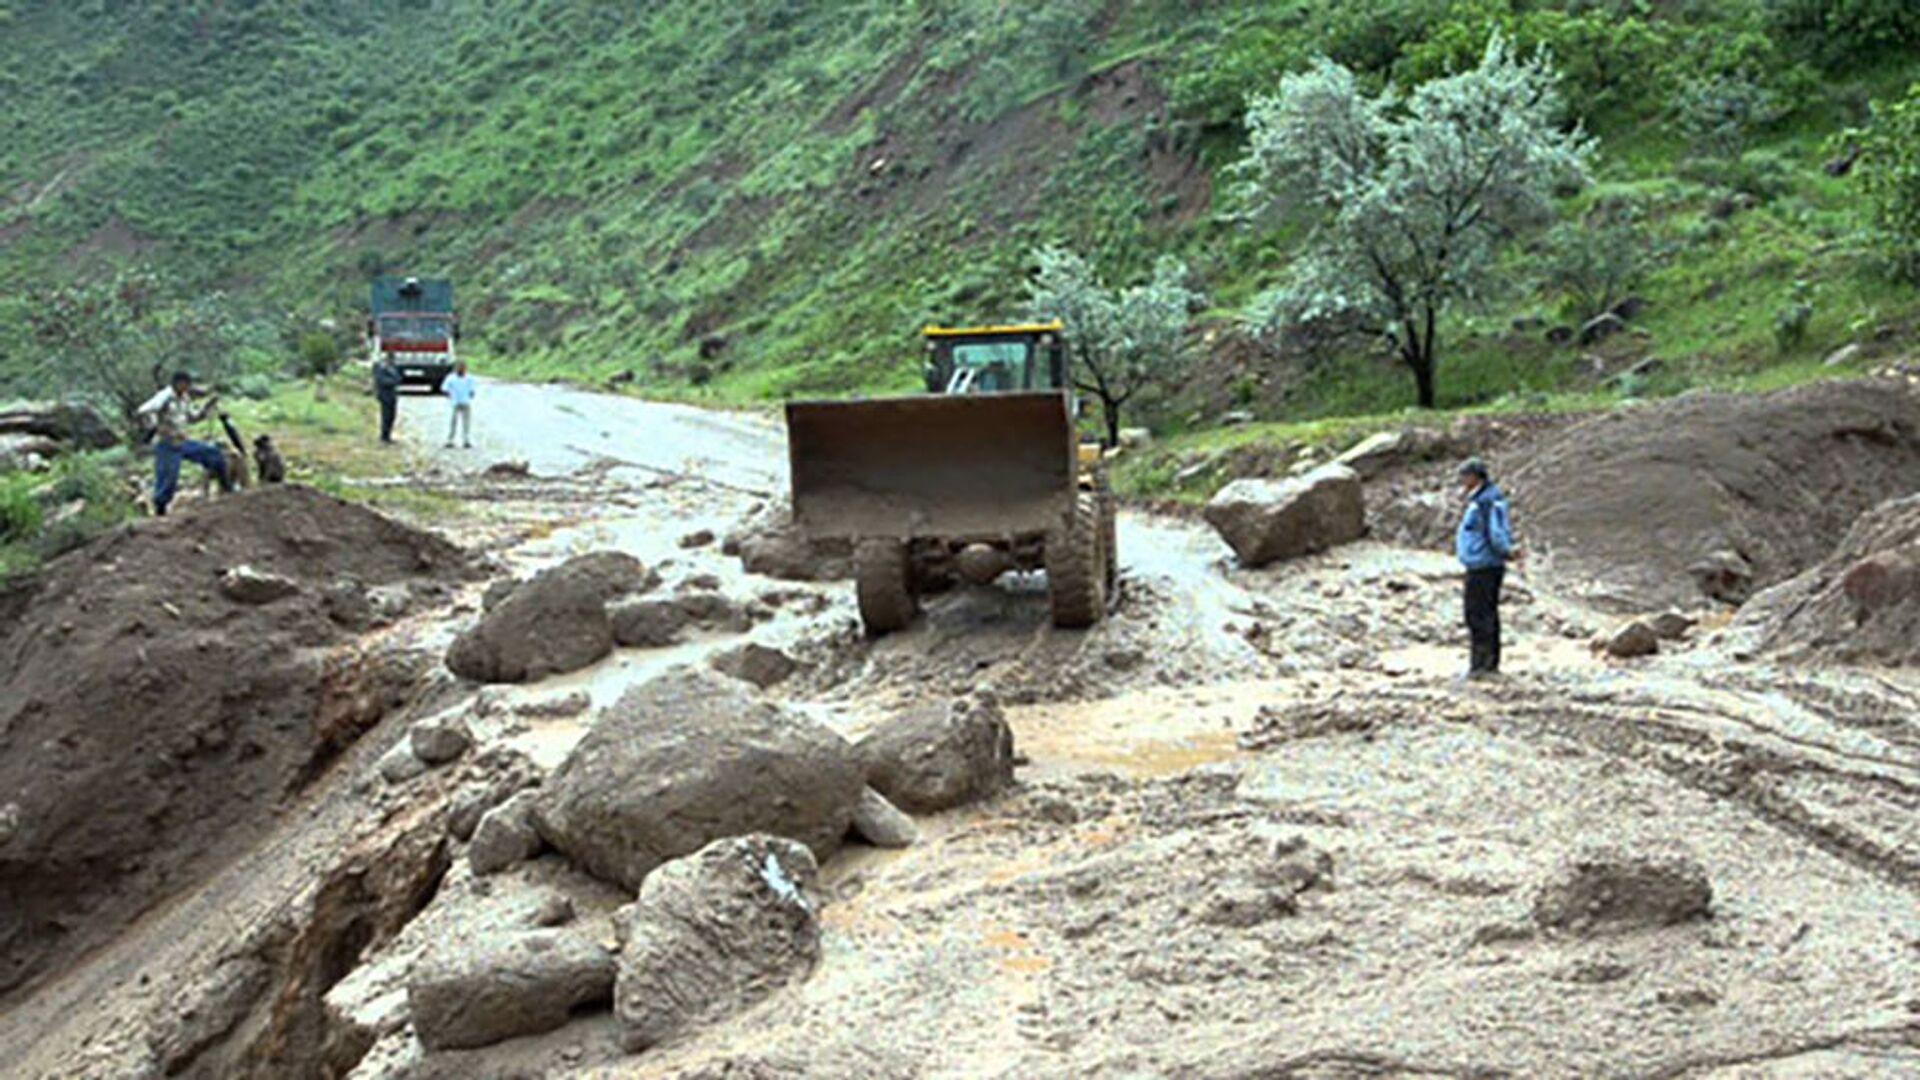 Ликвидация последствий после ливневых дождей в Таджикистане - Sputnik Таджикистан, 1920, 24.07.2021